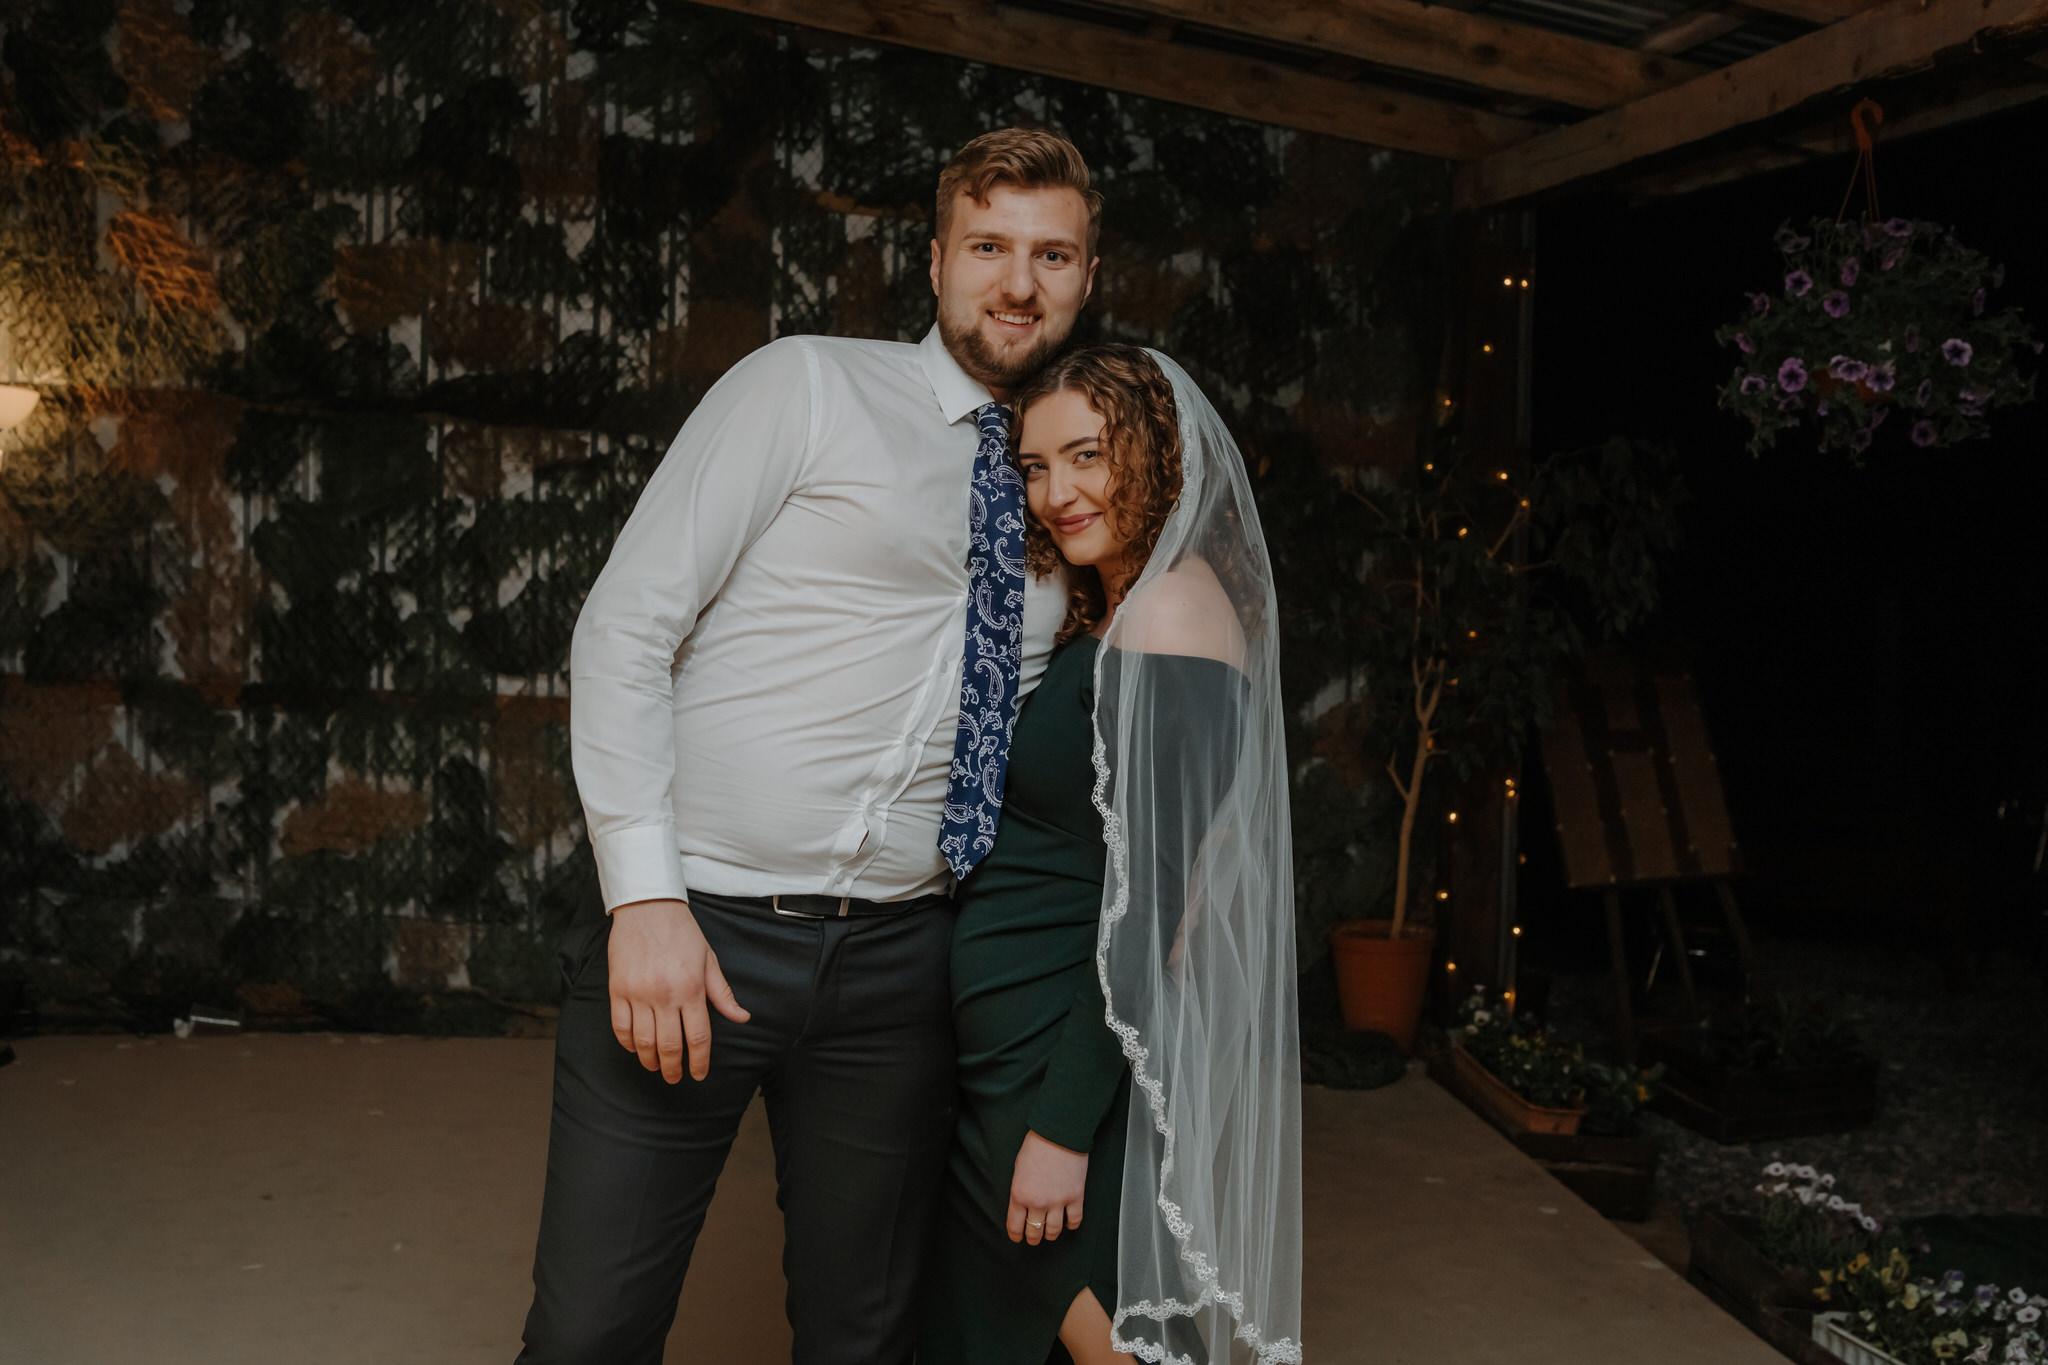 5 wesele rakowka reportaz slubny lubelskie 623 - Wesele w stodole Biłgoraj | 15.05.2021